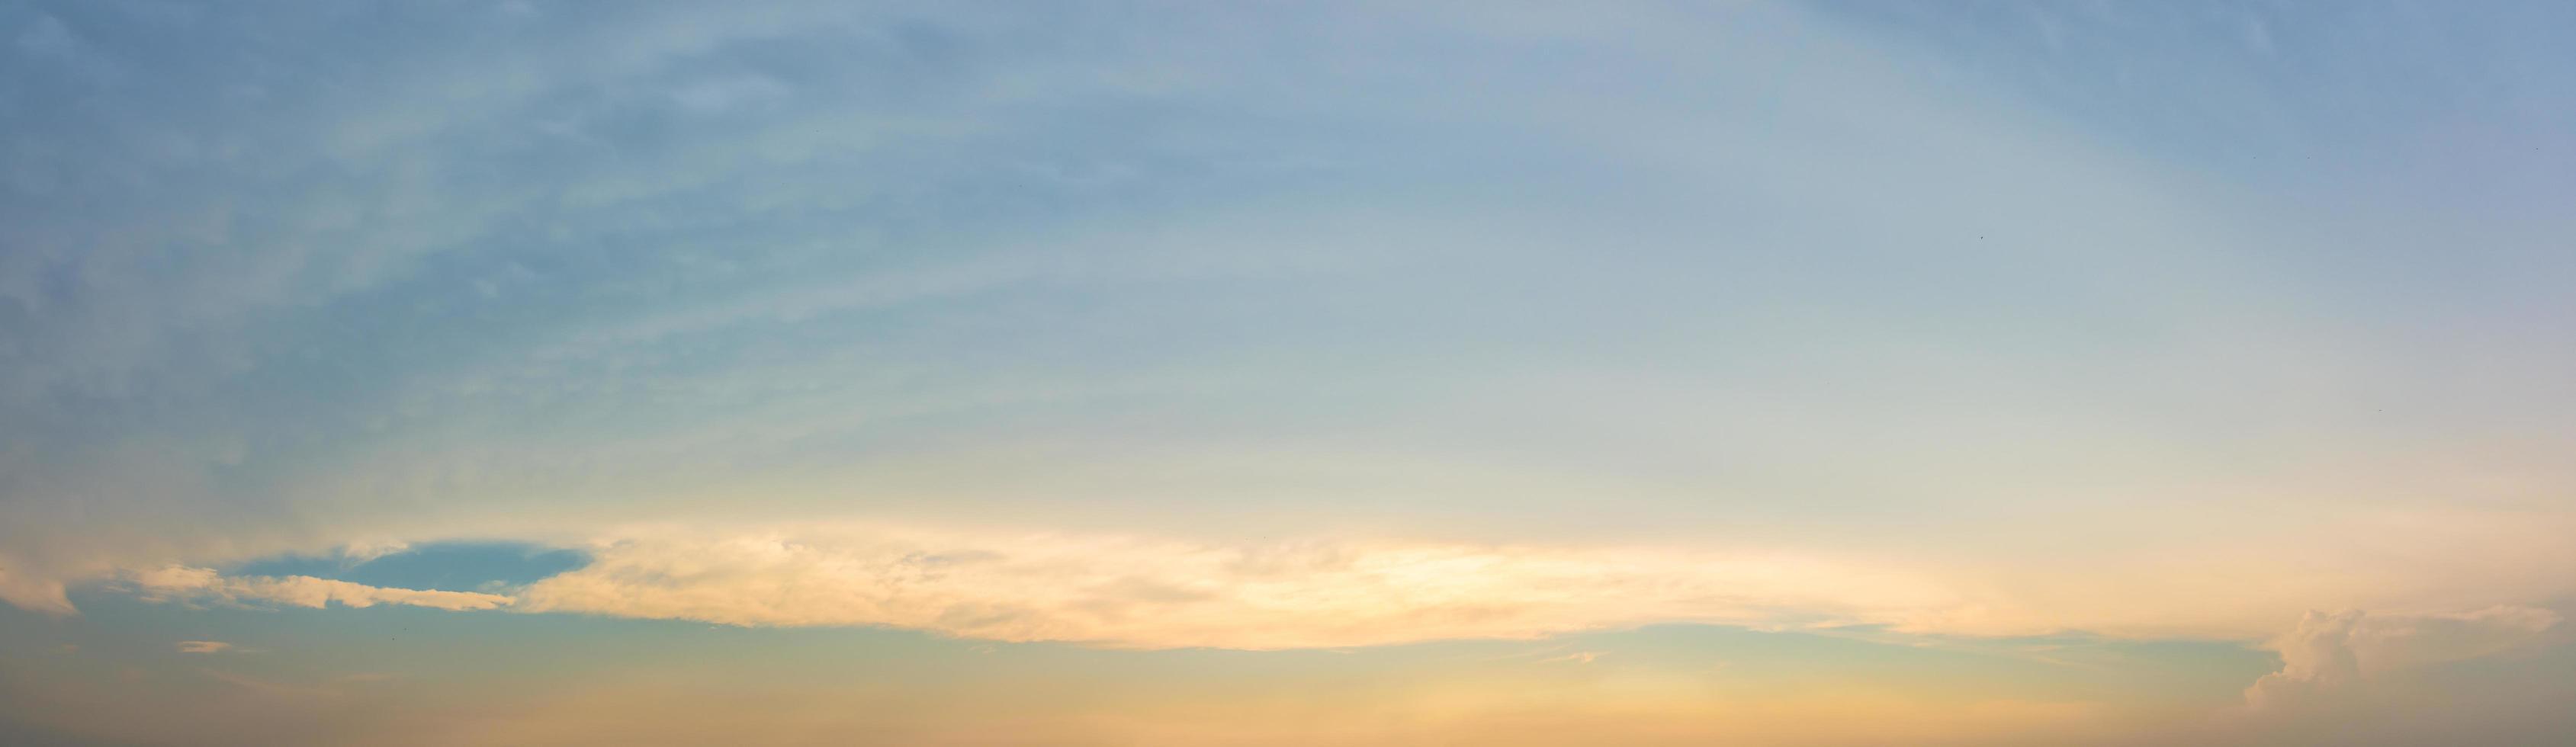 cielo azul con nubes al atardecer foto